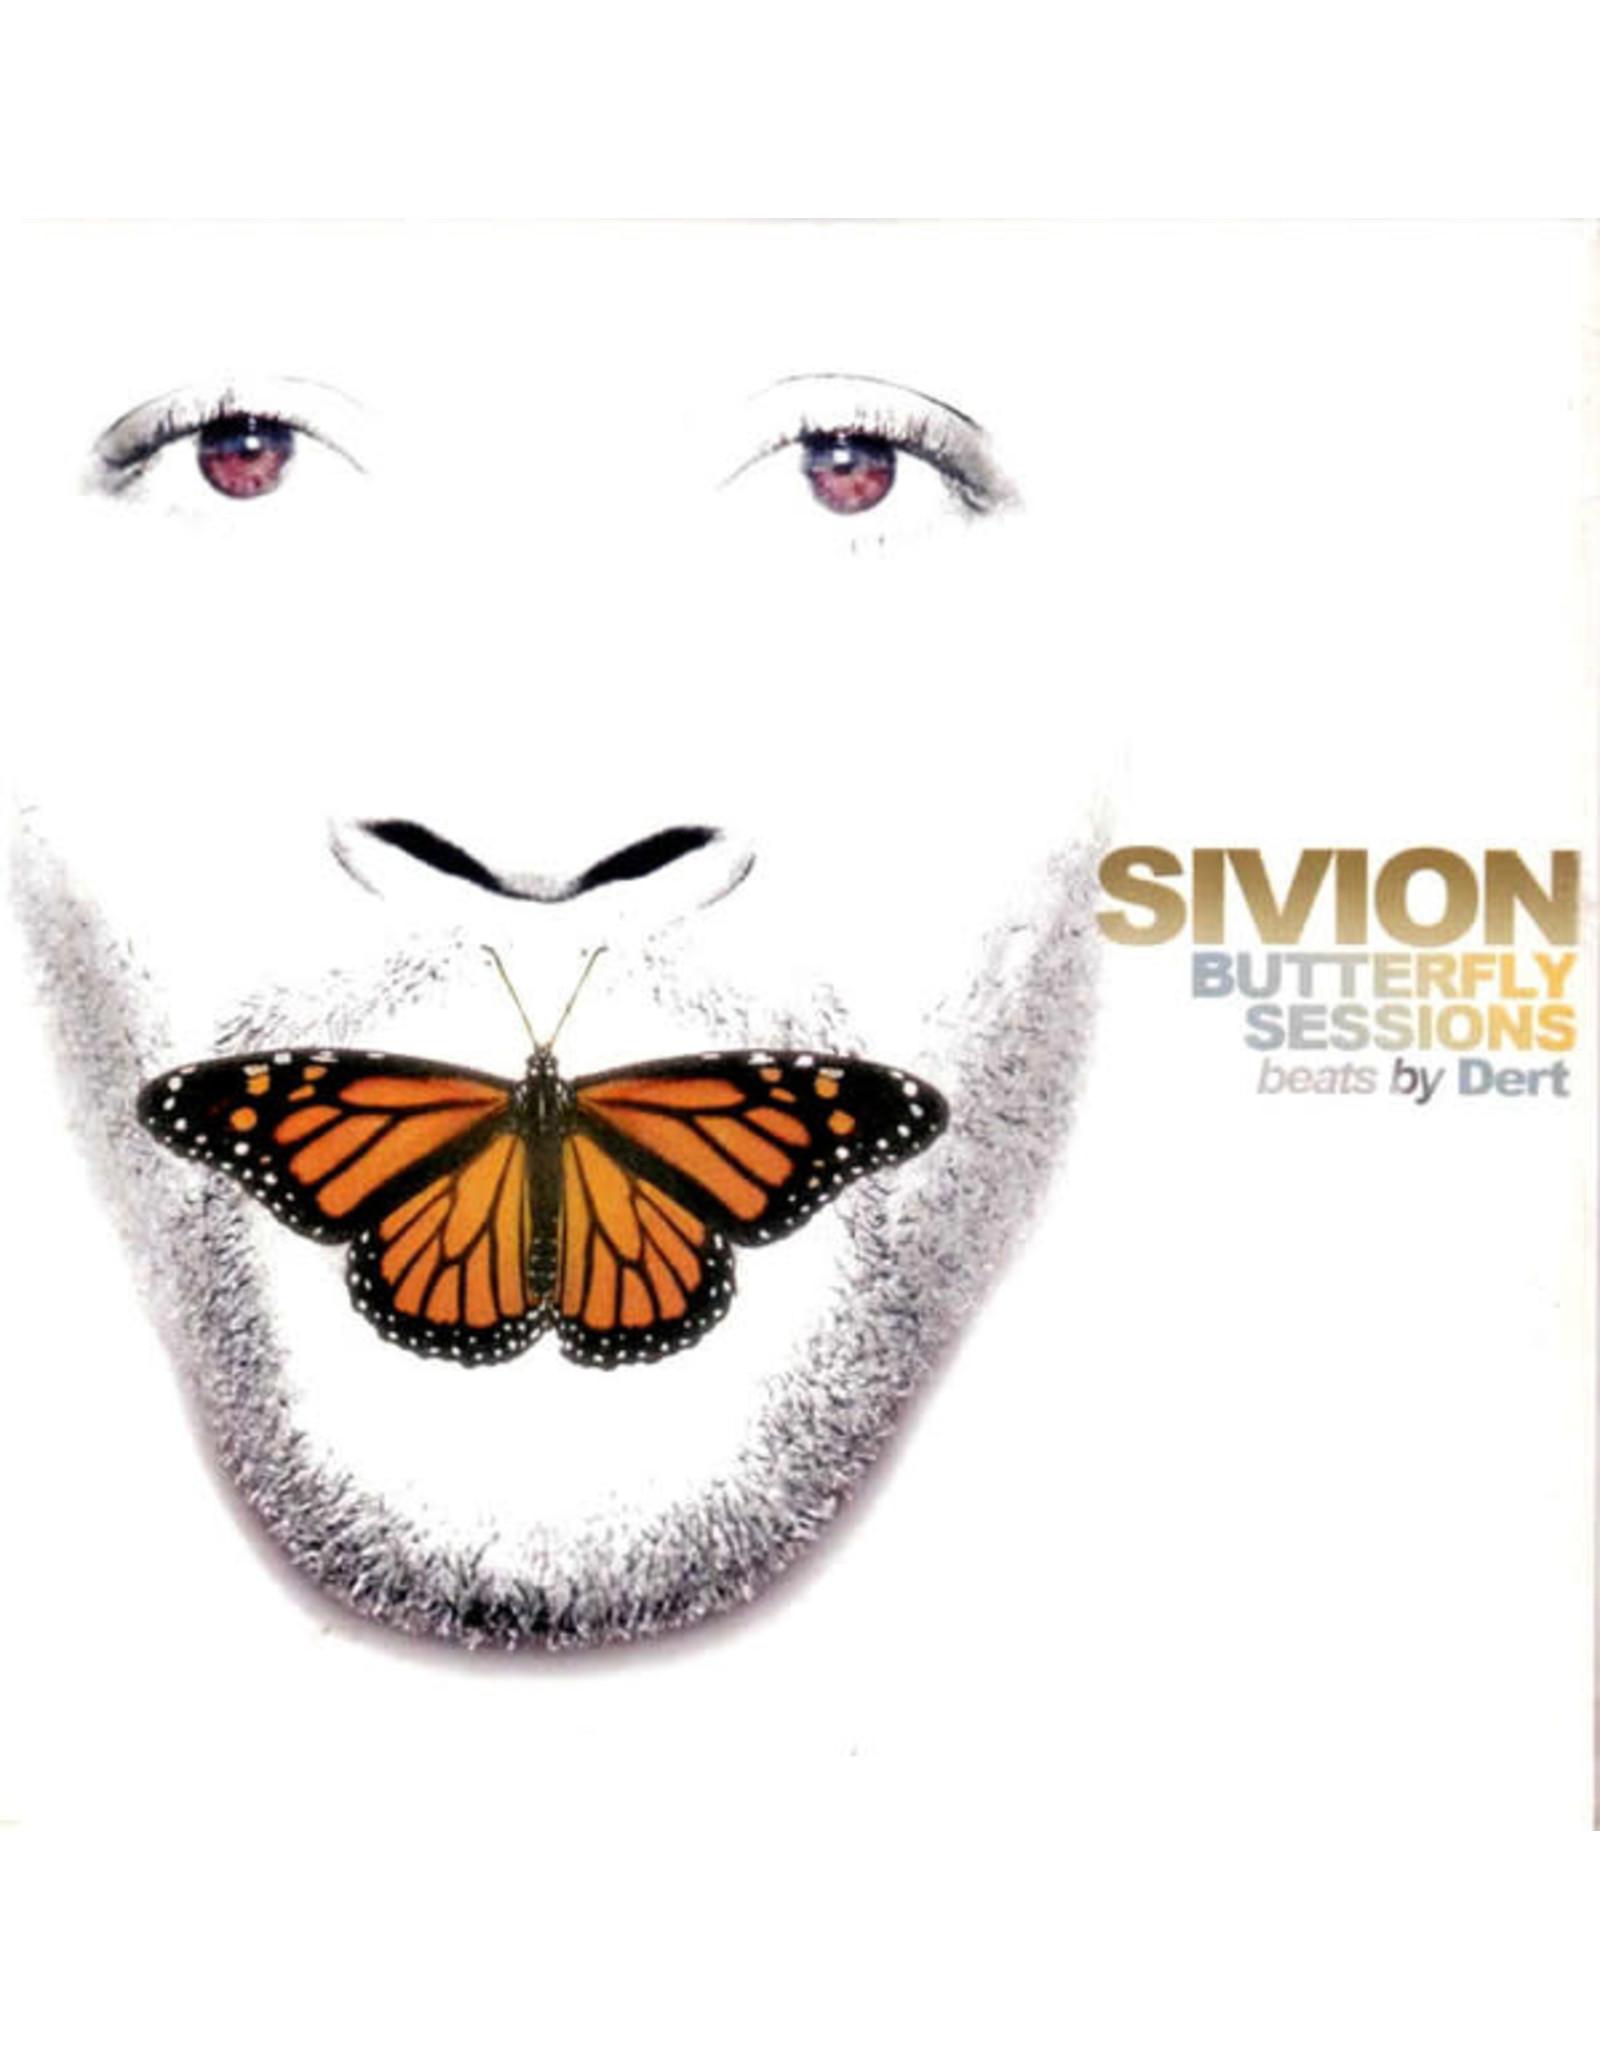 New Vinyl Sivion & DertBeats - Butterfly Sessions: Beats By Dert (Clear) LP